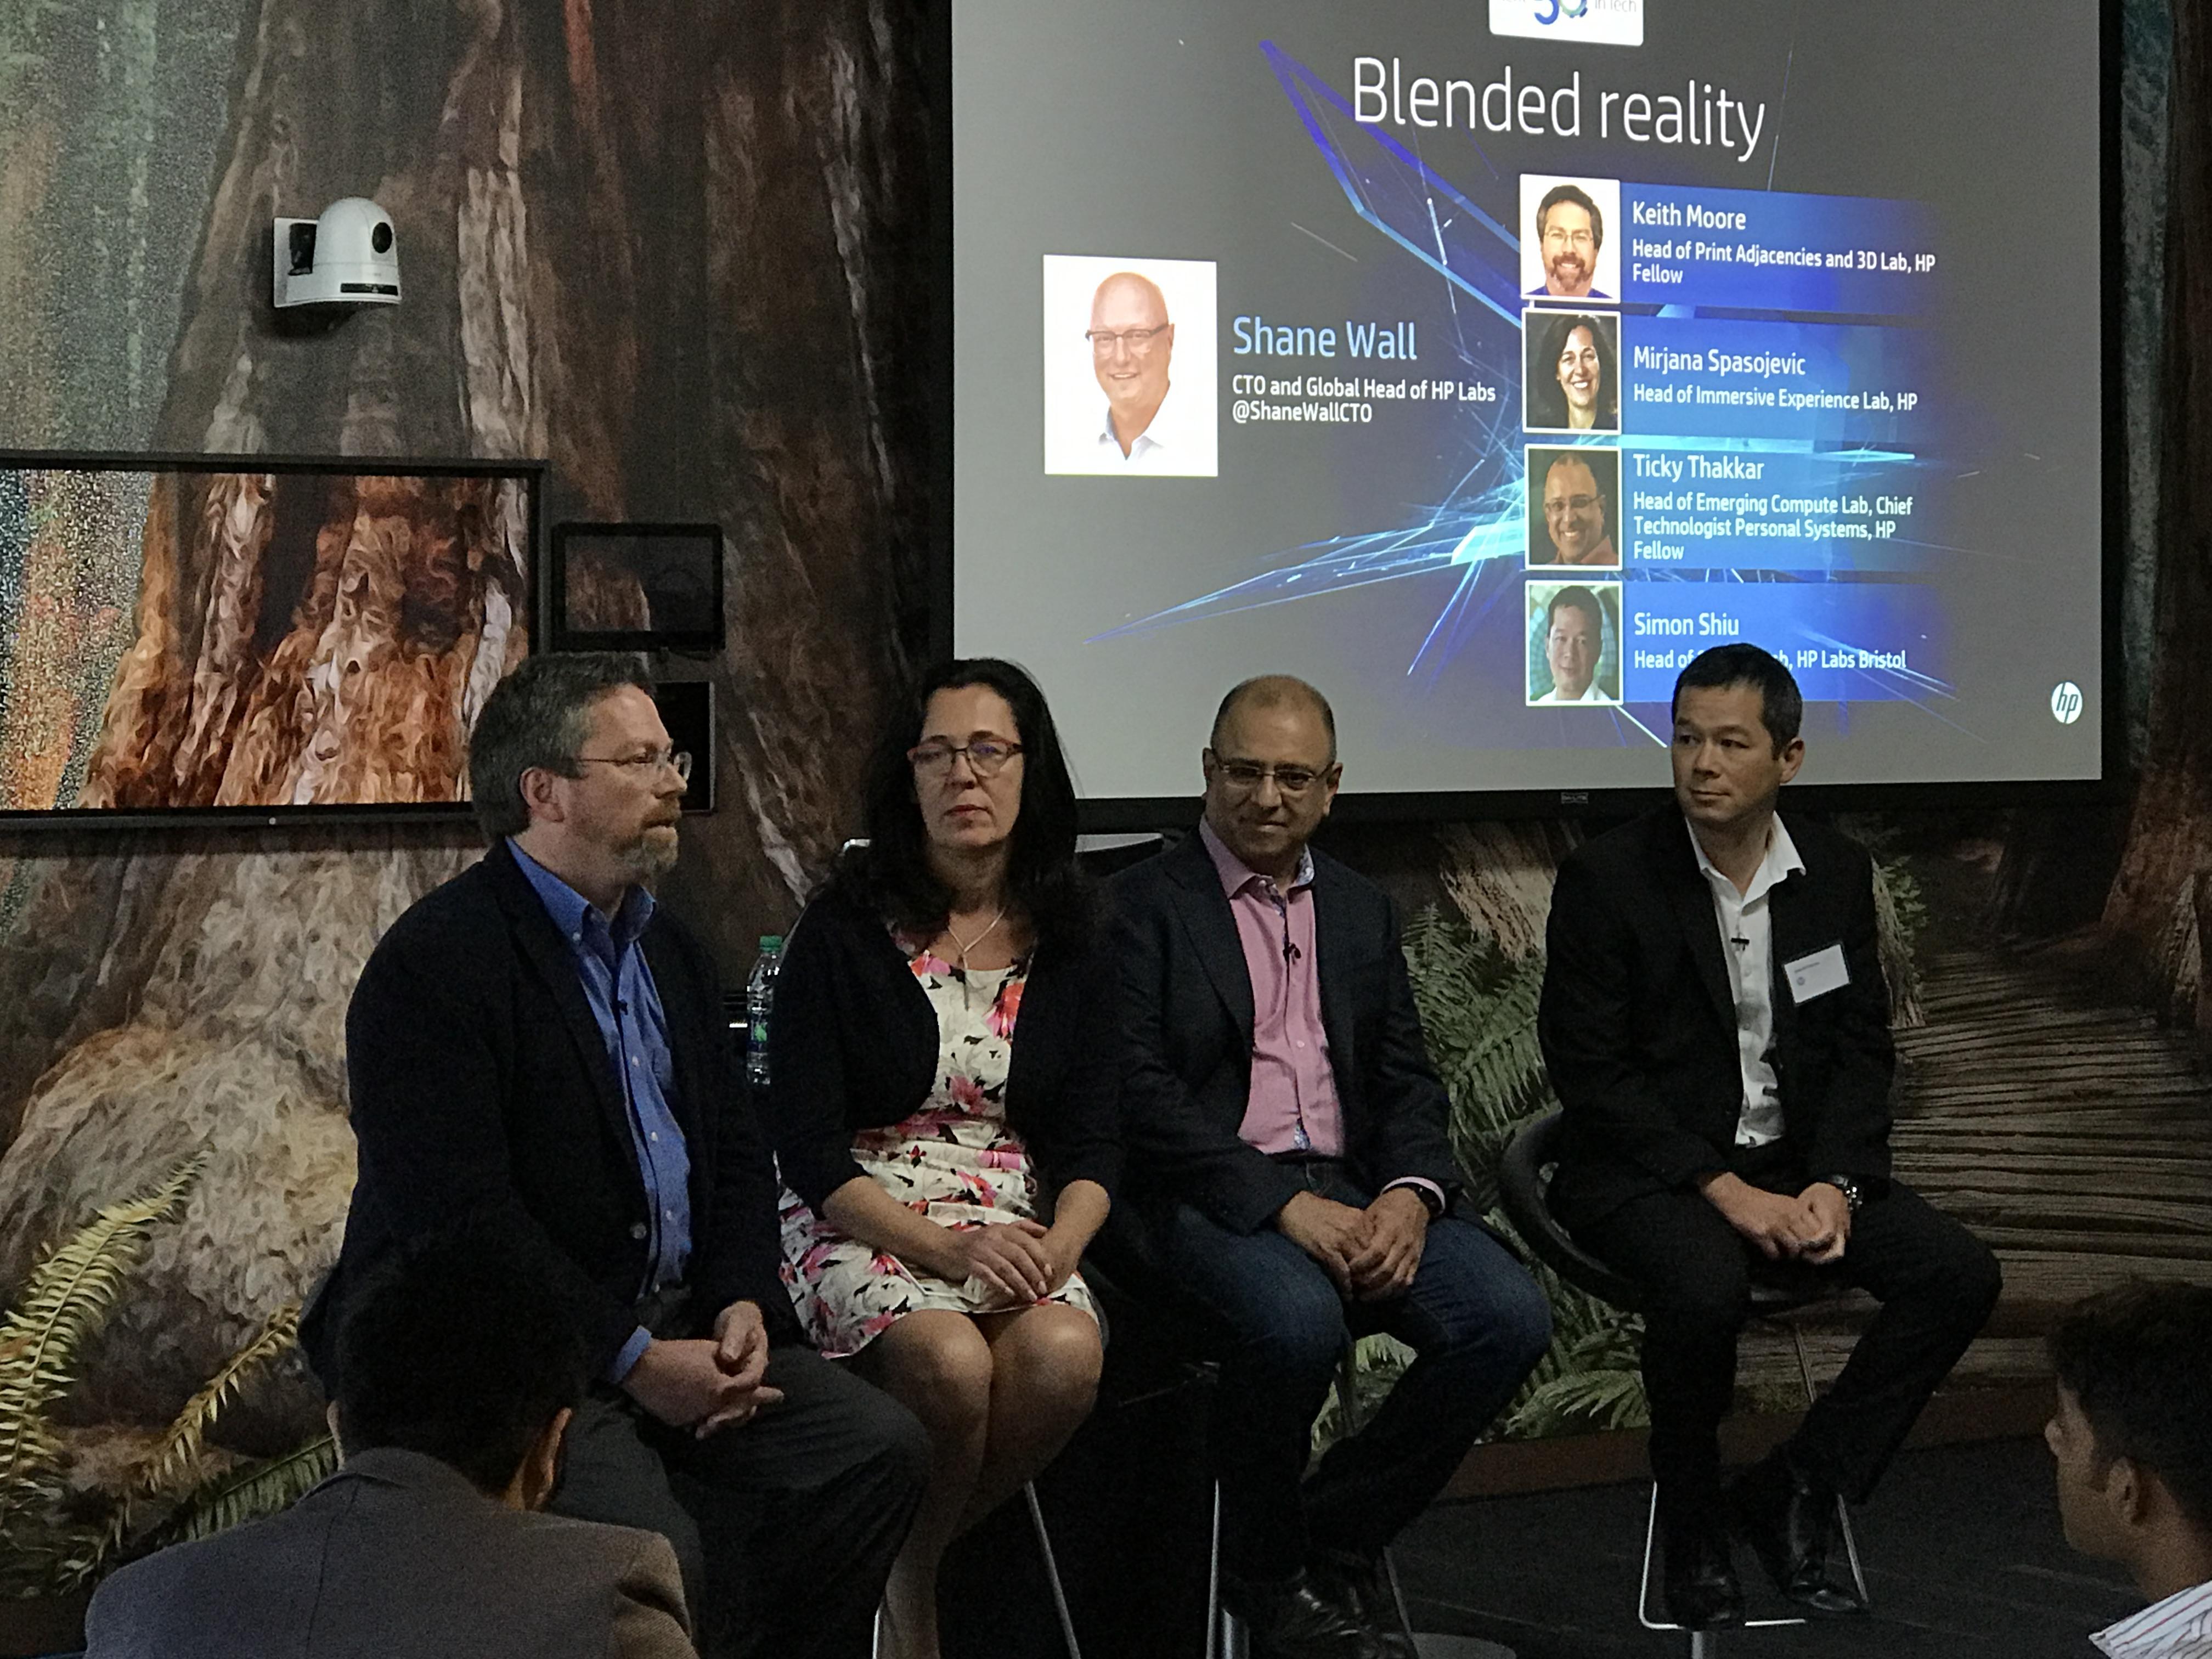 Dette er de fire sjefene for sine respektive avdelinger. Fra venstre: Keith Moore, Mirjana Spasojevic, Ticky Thakkar og Simon Shiu.